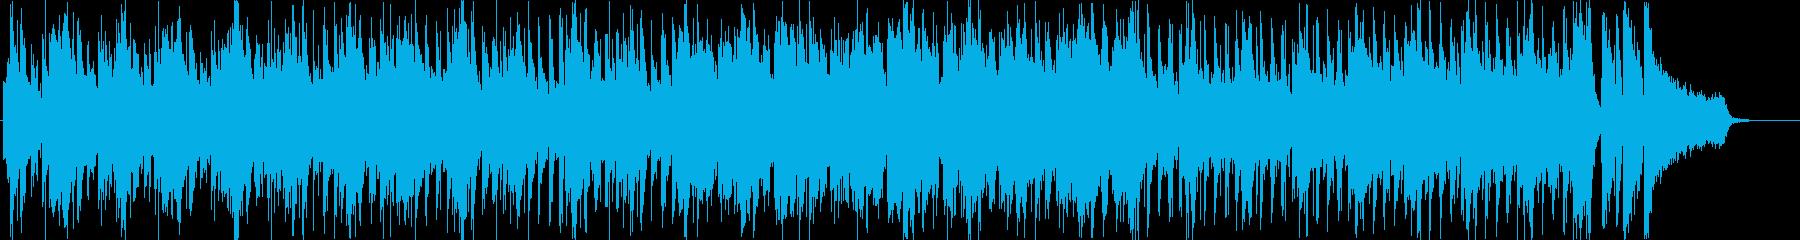 ピアノの軽快なポップスの再生済みの波形